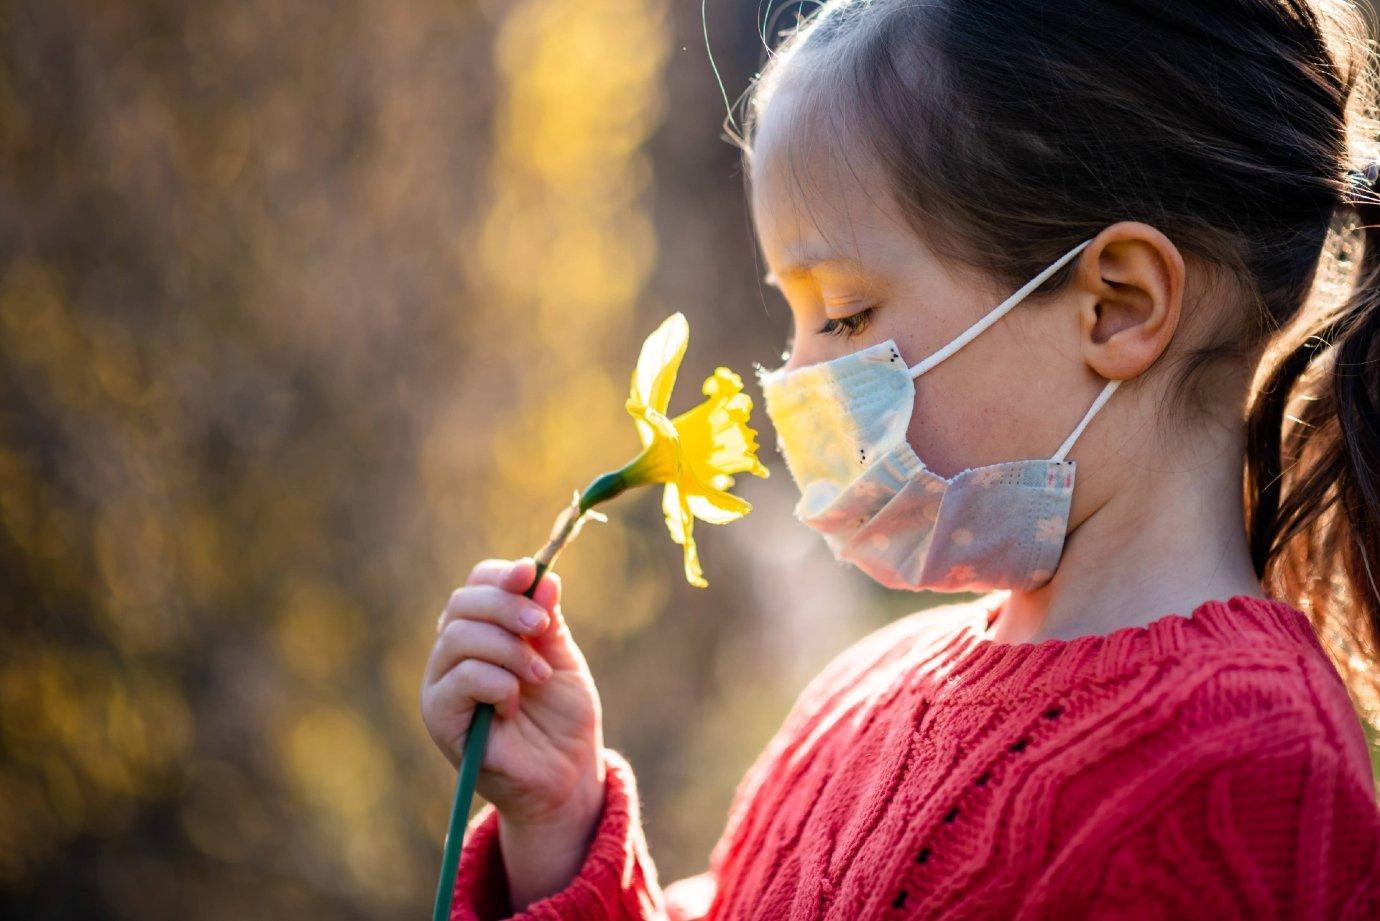 Pesquisa indica que perda de olfato por covid-19 pode ser irreversível |  Exame